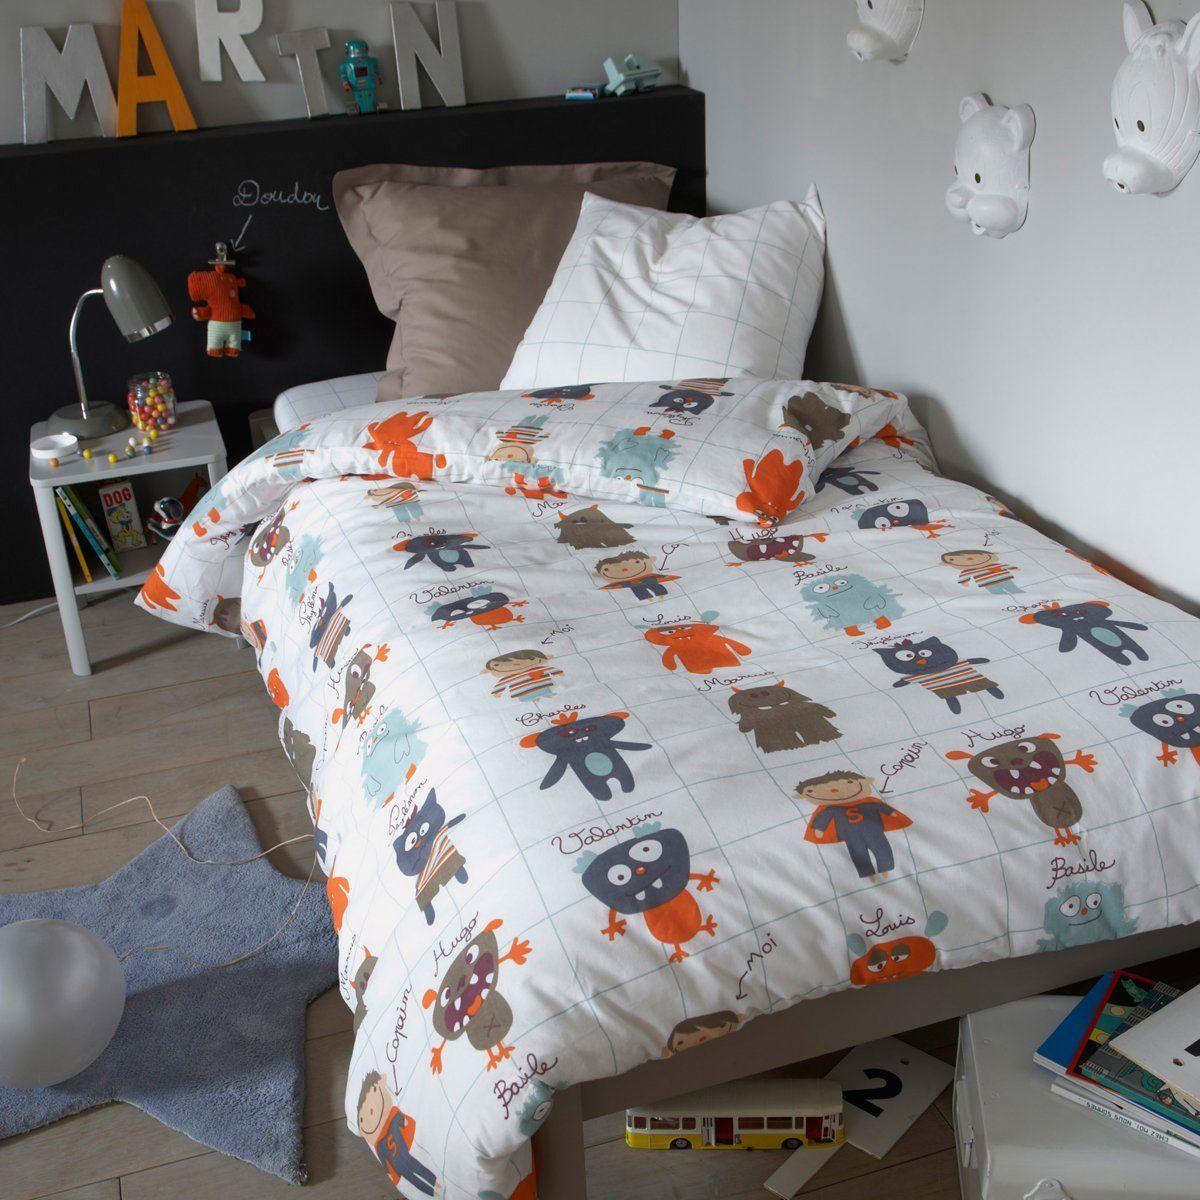 Housse De Couette Enfant Friends Co La Redoute Interieurs Prix Avis Notation Livraison La Housse Kids Duvet Cover Childrens Duvet Covers Duvet Covers